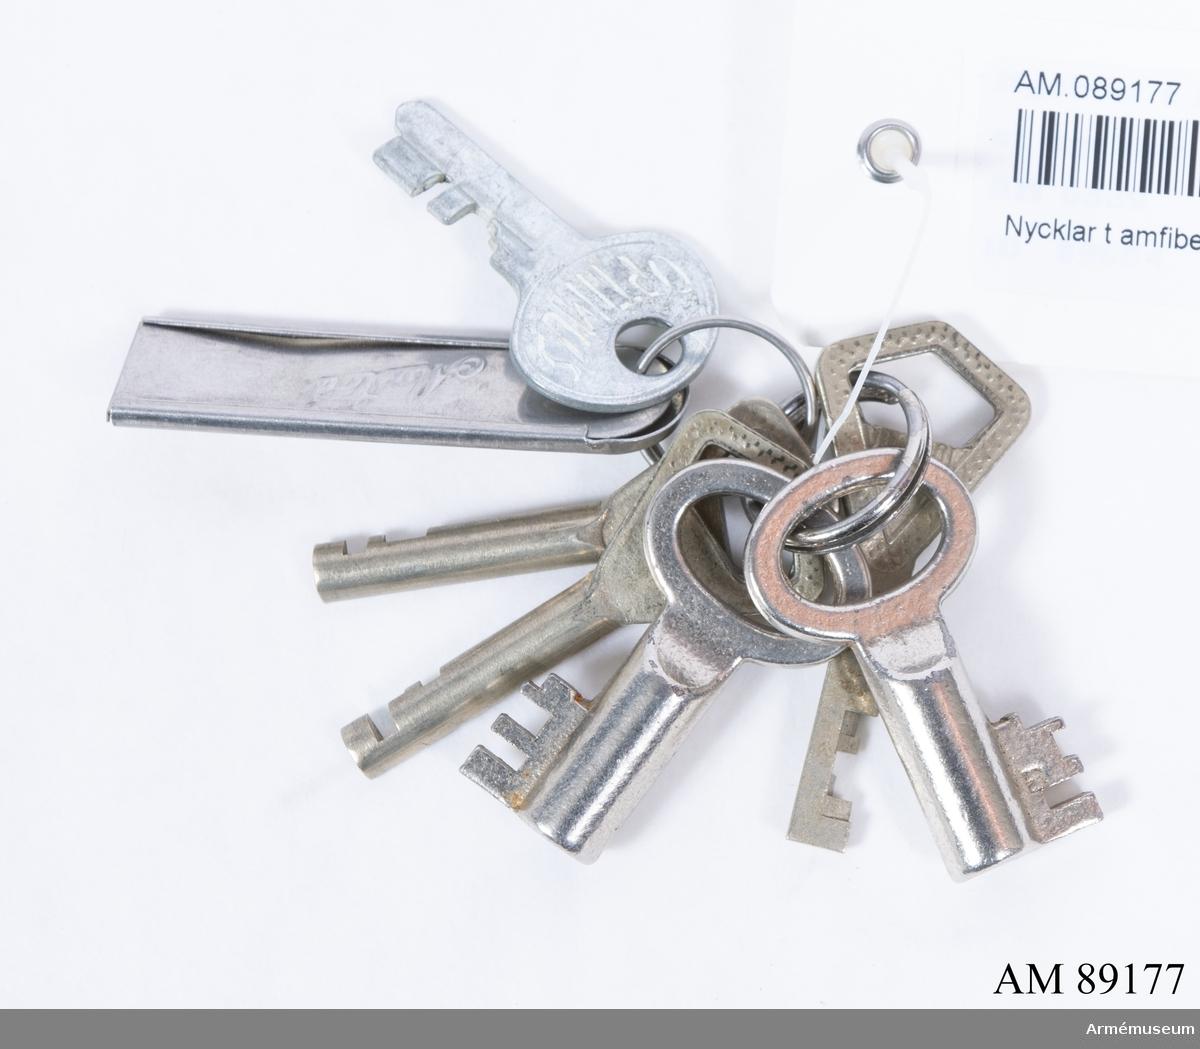 Nycklar till Bil m/1965, amfibie-, 101 B. Milreg.nr 41123. Förrådsbeteckning M5198-101022. Tillverkningsnr 126. Se besiktninginstrument. 6 st. nycklar.